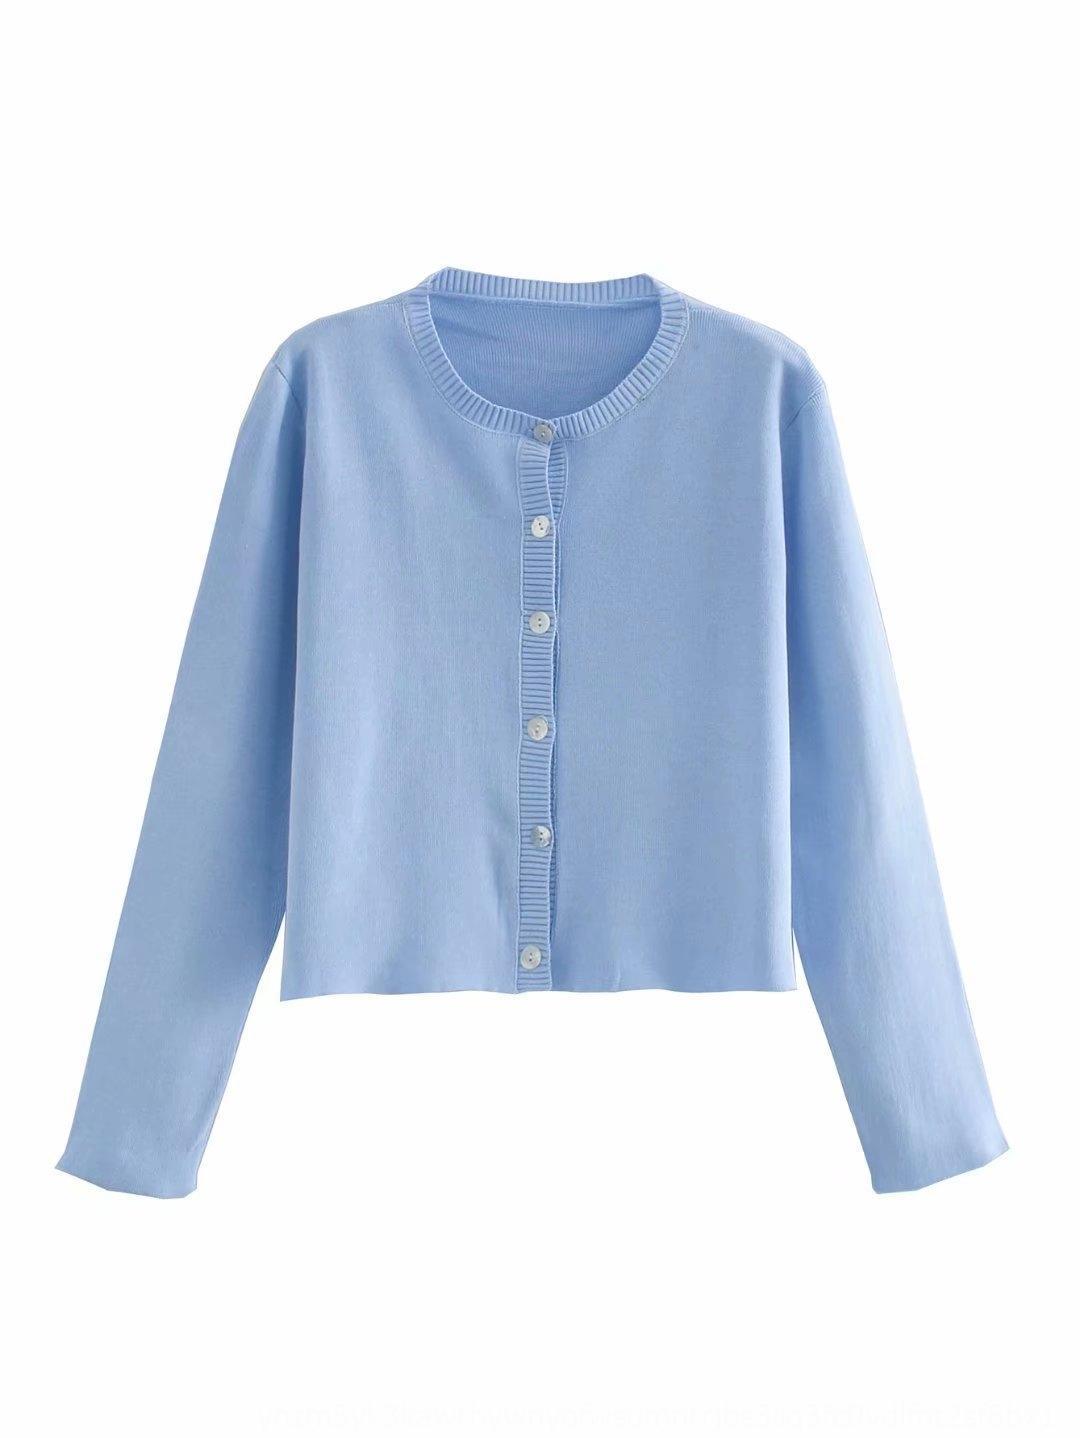 d9vlF 2020 рано короткий м верхняя куртка короткая куртка новый трехцветный вязаный кардиган однобортный -0500 топ осень